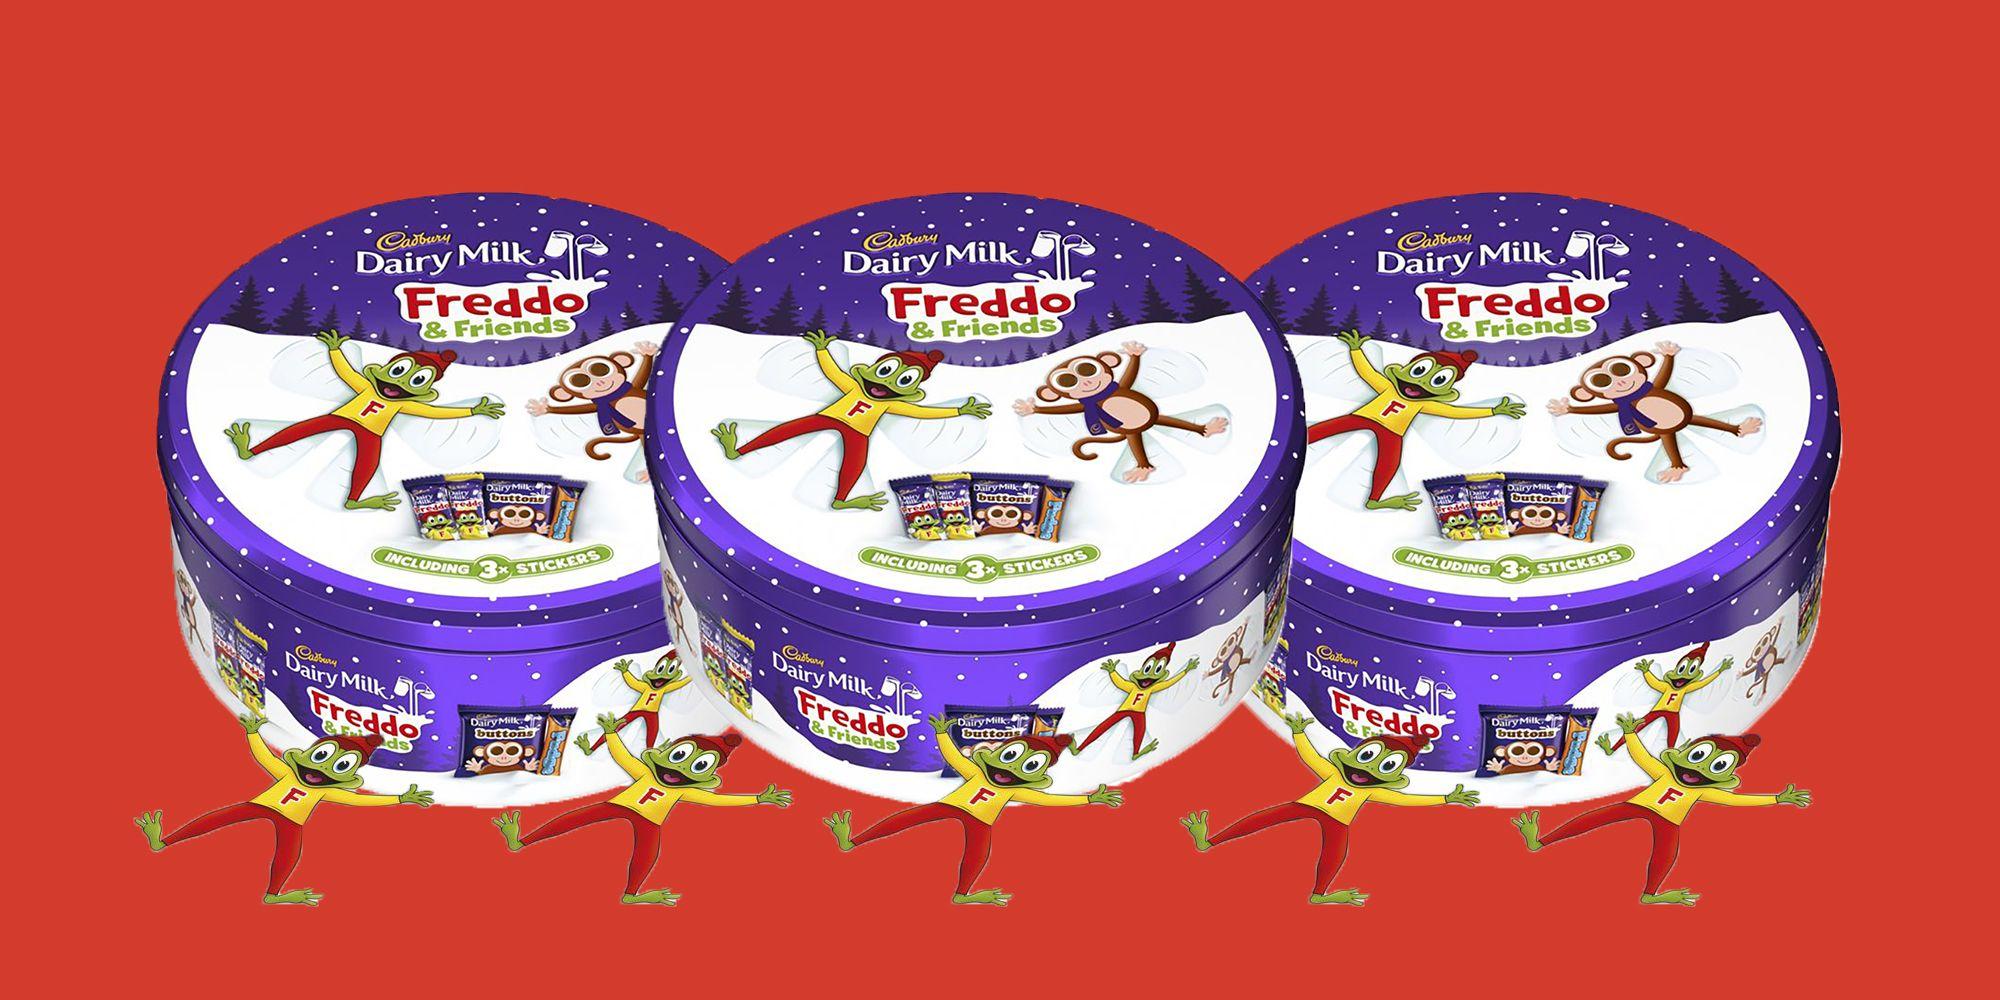 Festive Freddos are making all our nostalgic dreams come true